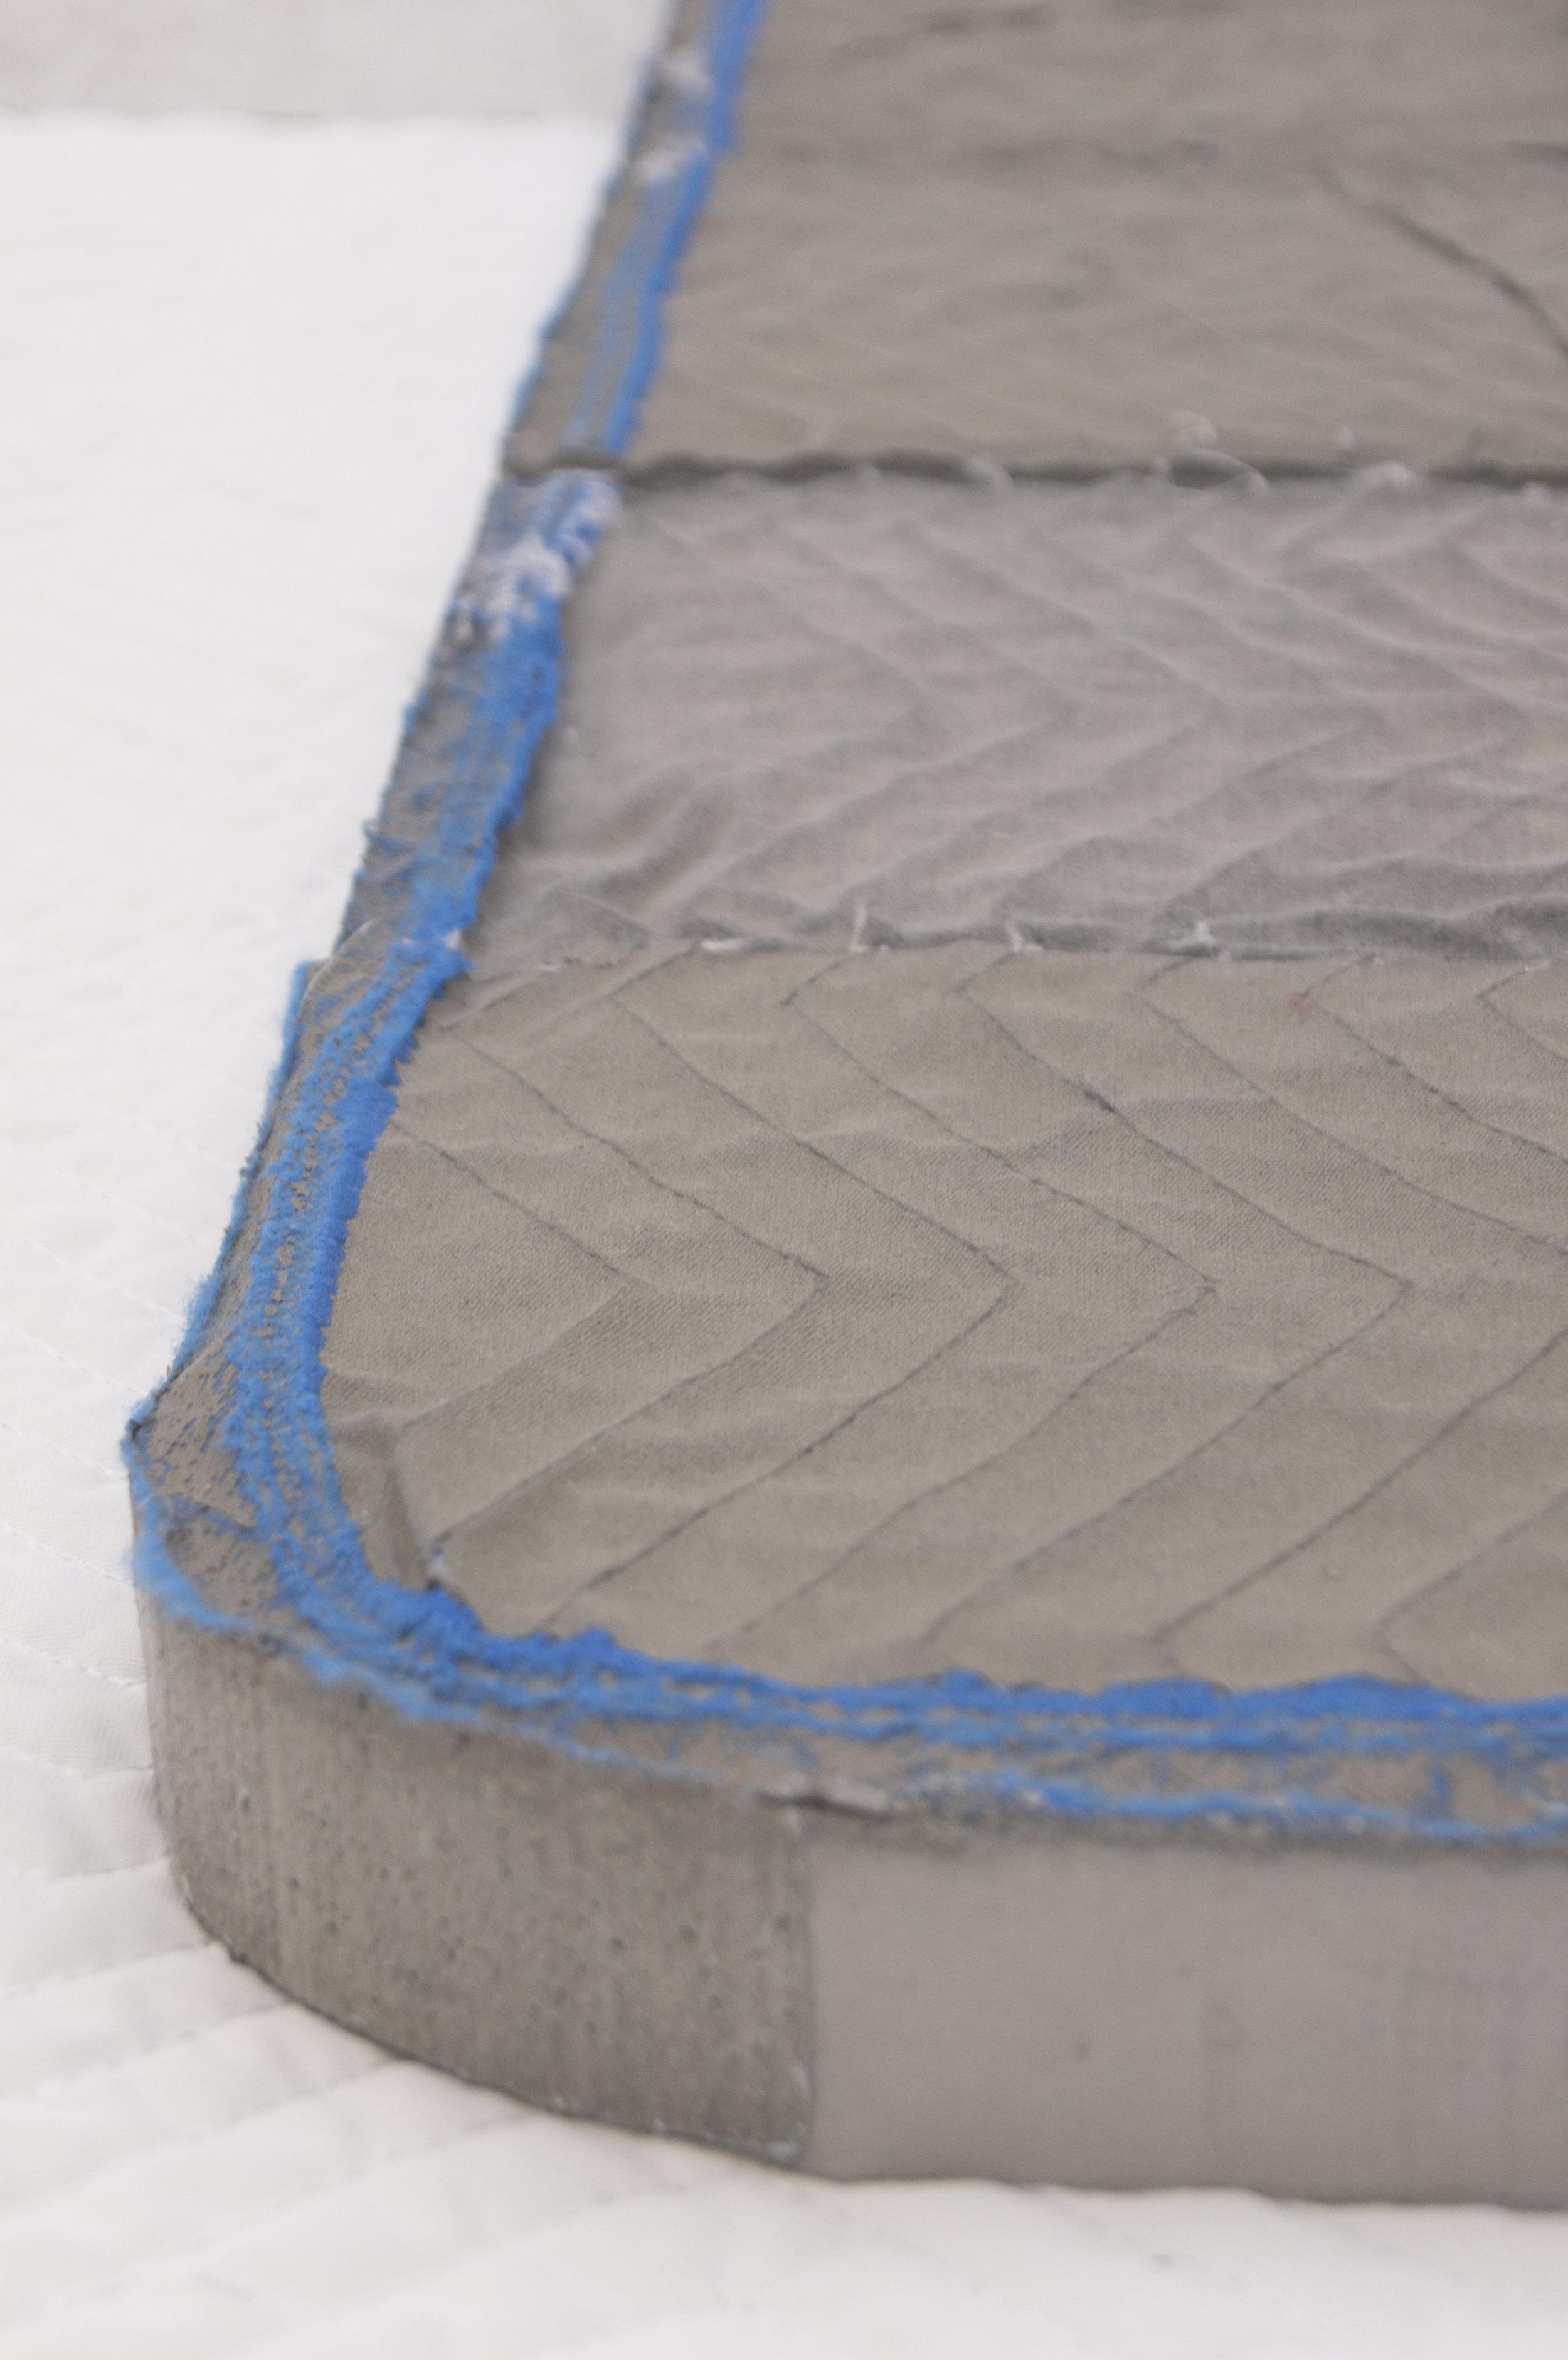 concreteblkt1DSC03317.jpg